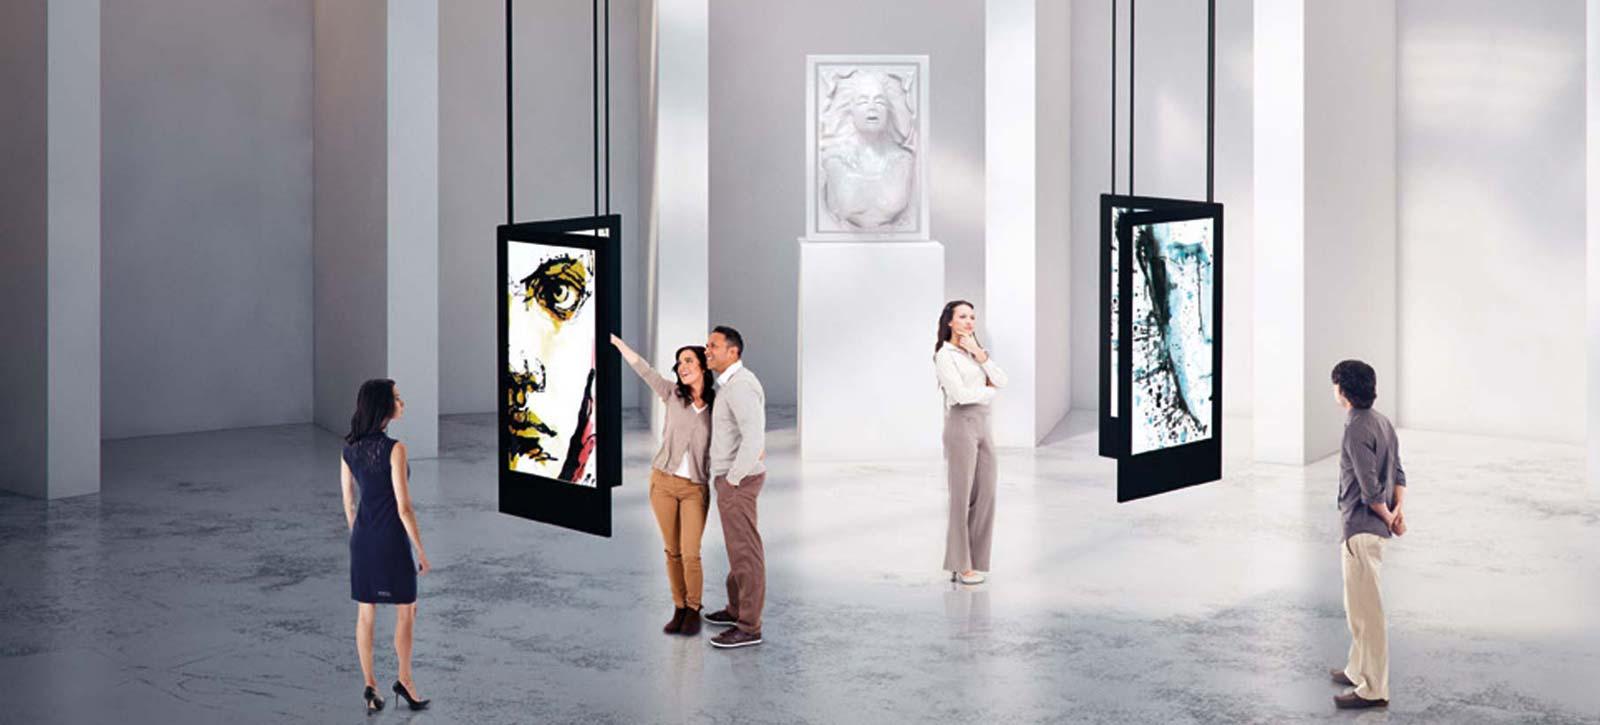 Professionelle Displays im Großformat sind vielfältig einsetzbar